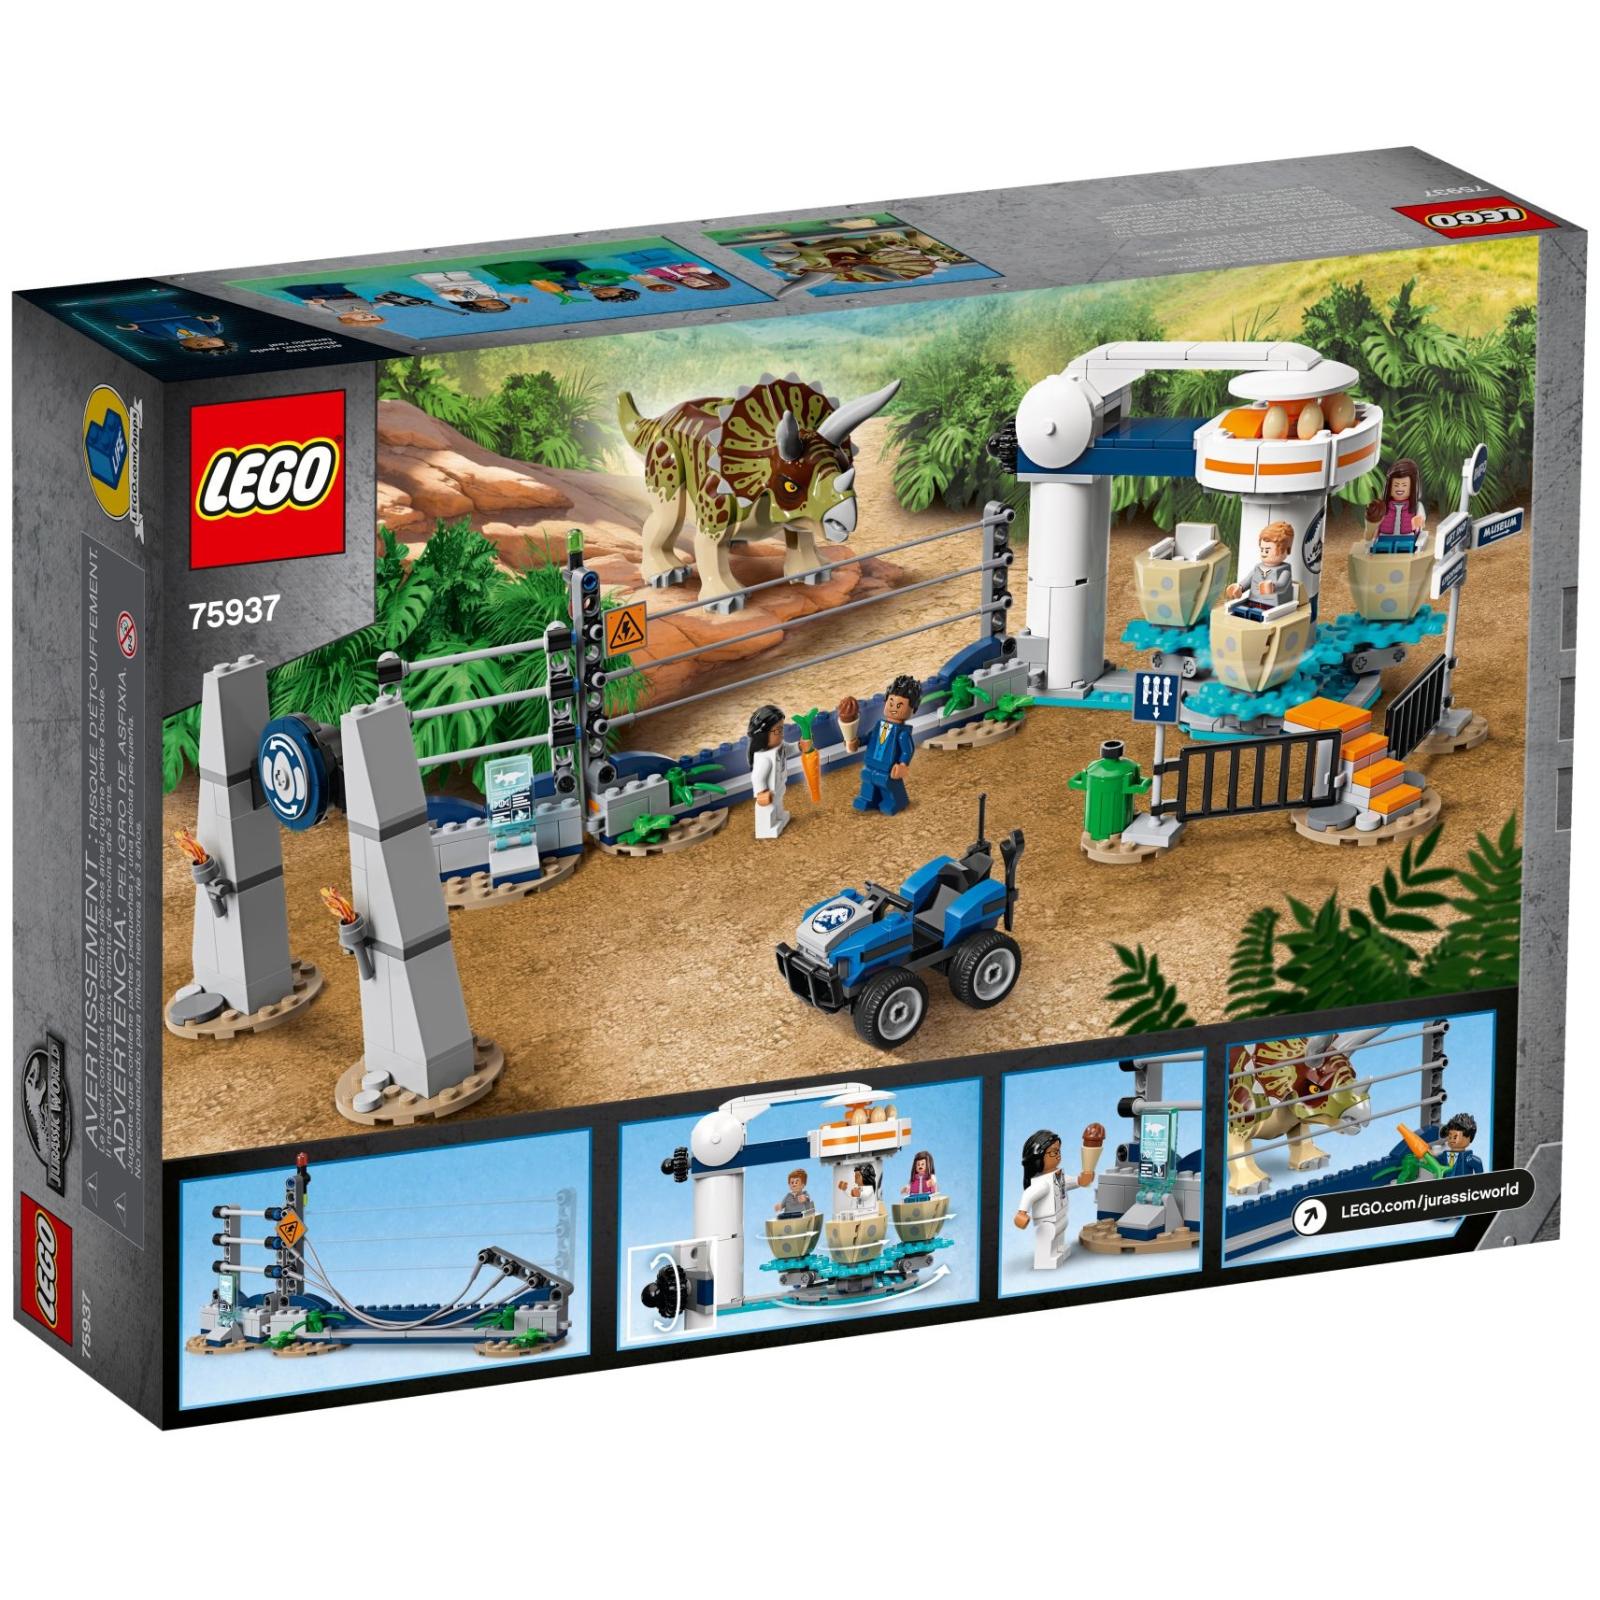 Конструктор LEGO LEGO Jurassic World Нападение трицератопса 447 деталей (75937) изображение 4